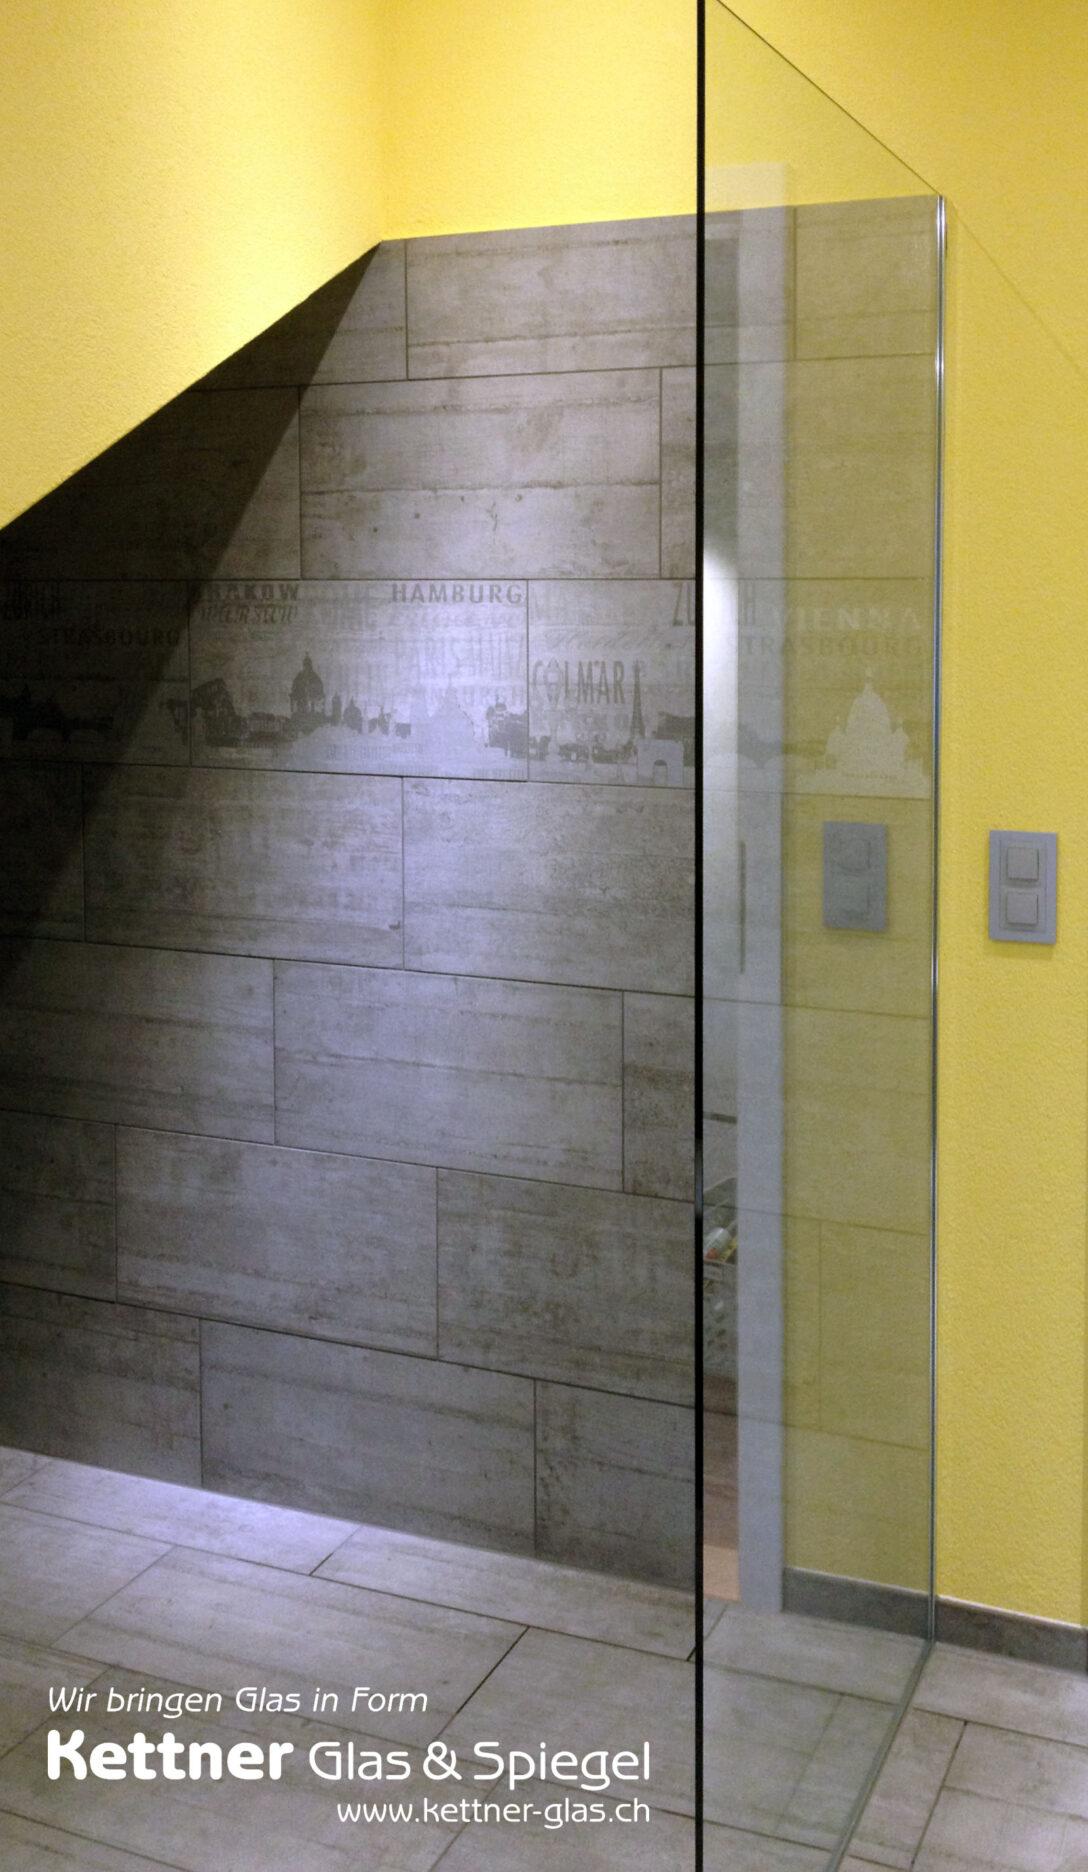 Large Size of Bodenebene Dusche Mit Glaswand Kgs Barrierefreie Haltegriff Bodengleiche Einbauen Abfluss Wand Ebenerdig Unterputz Armatur 80x80 Pendeltür Walkin Nischentür Dusche Bodenebene Dusche